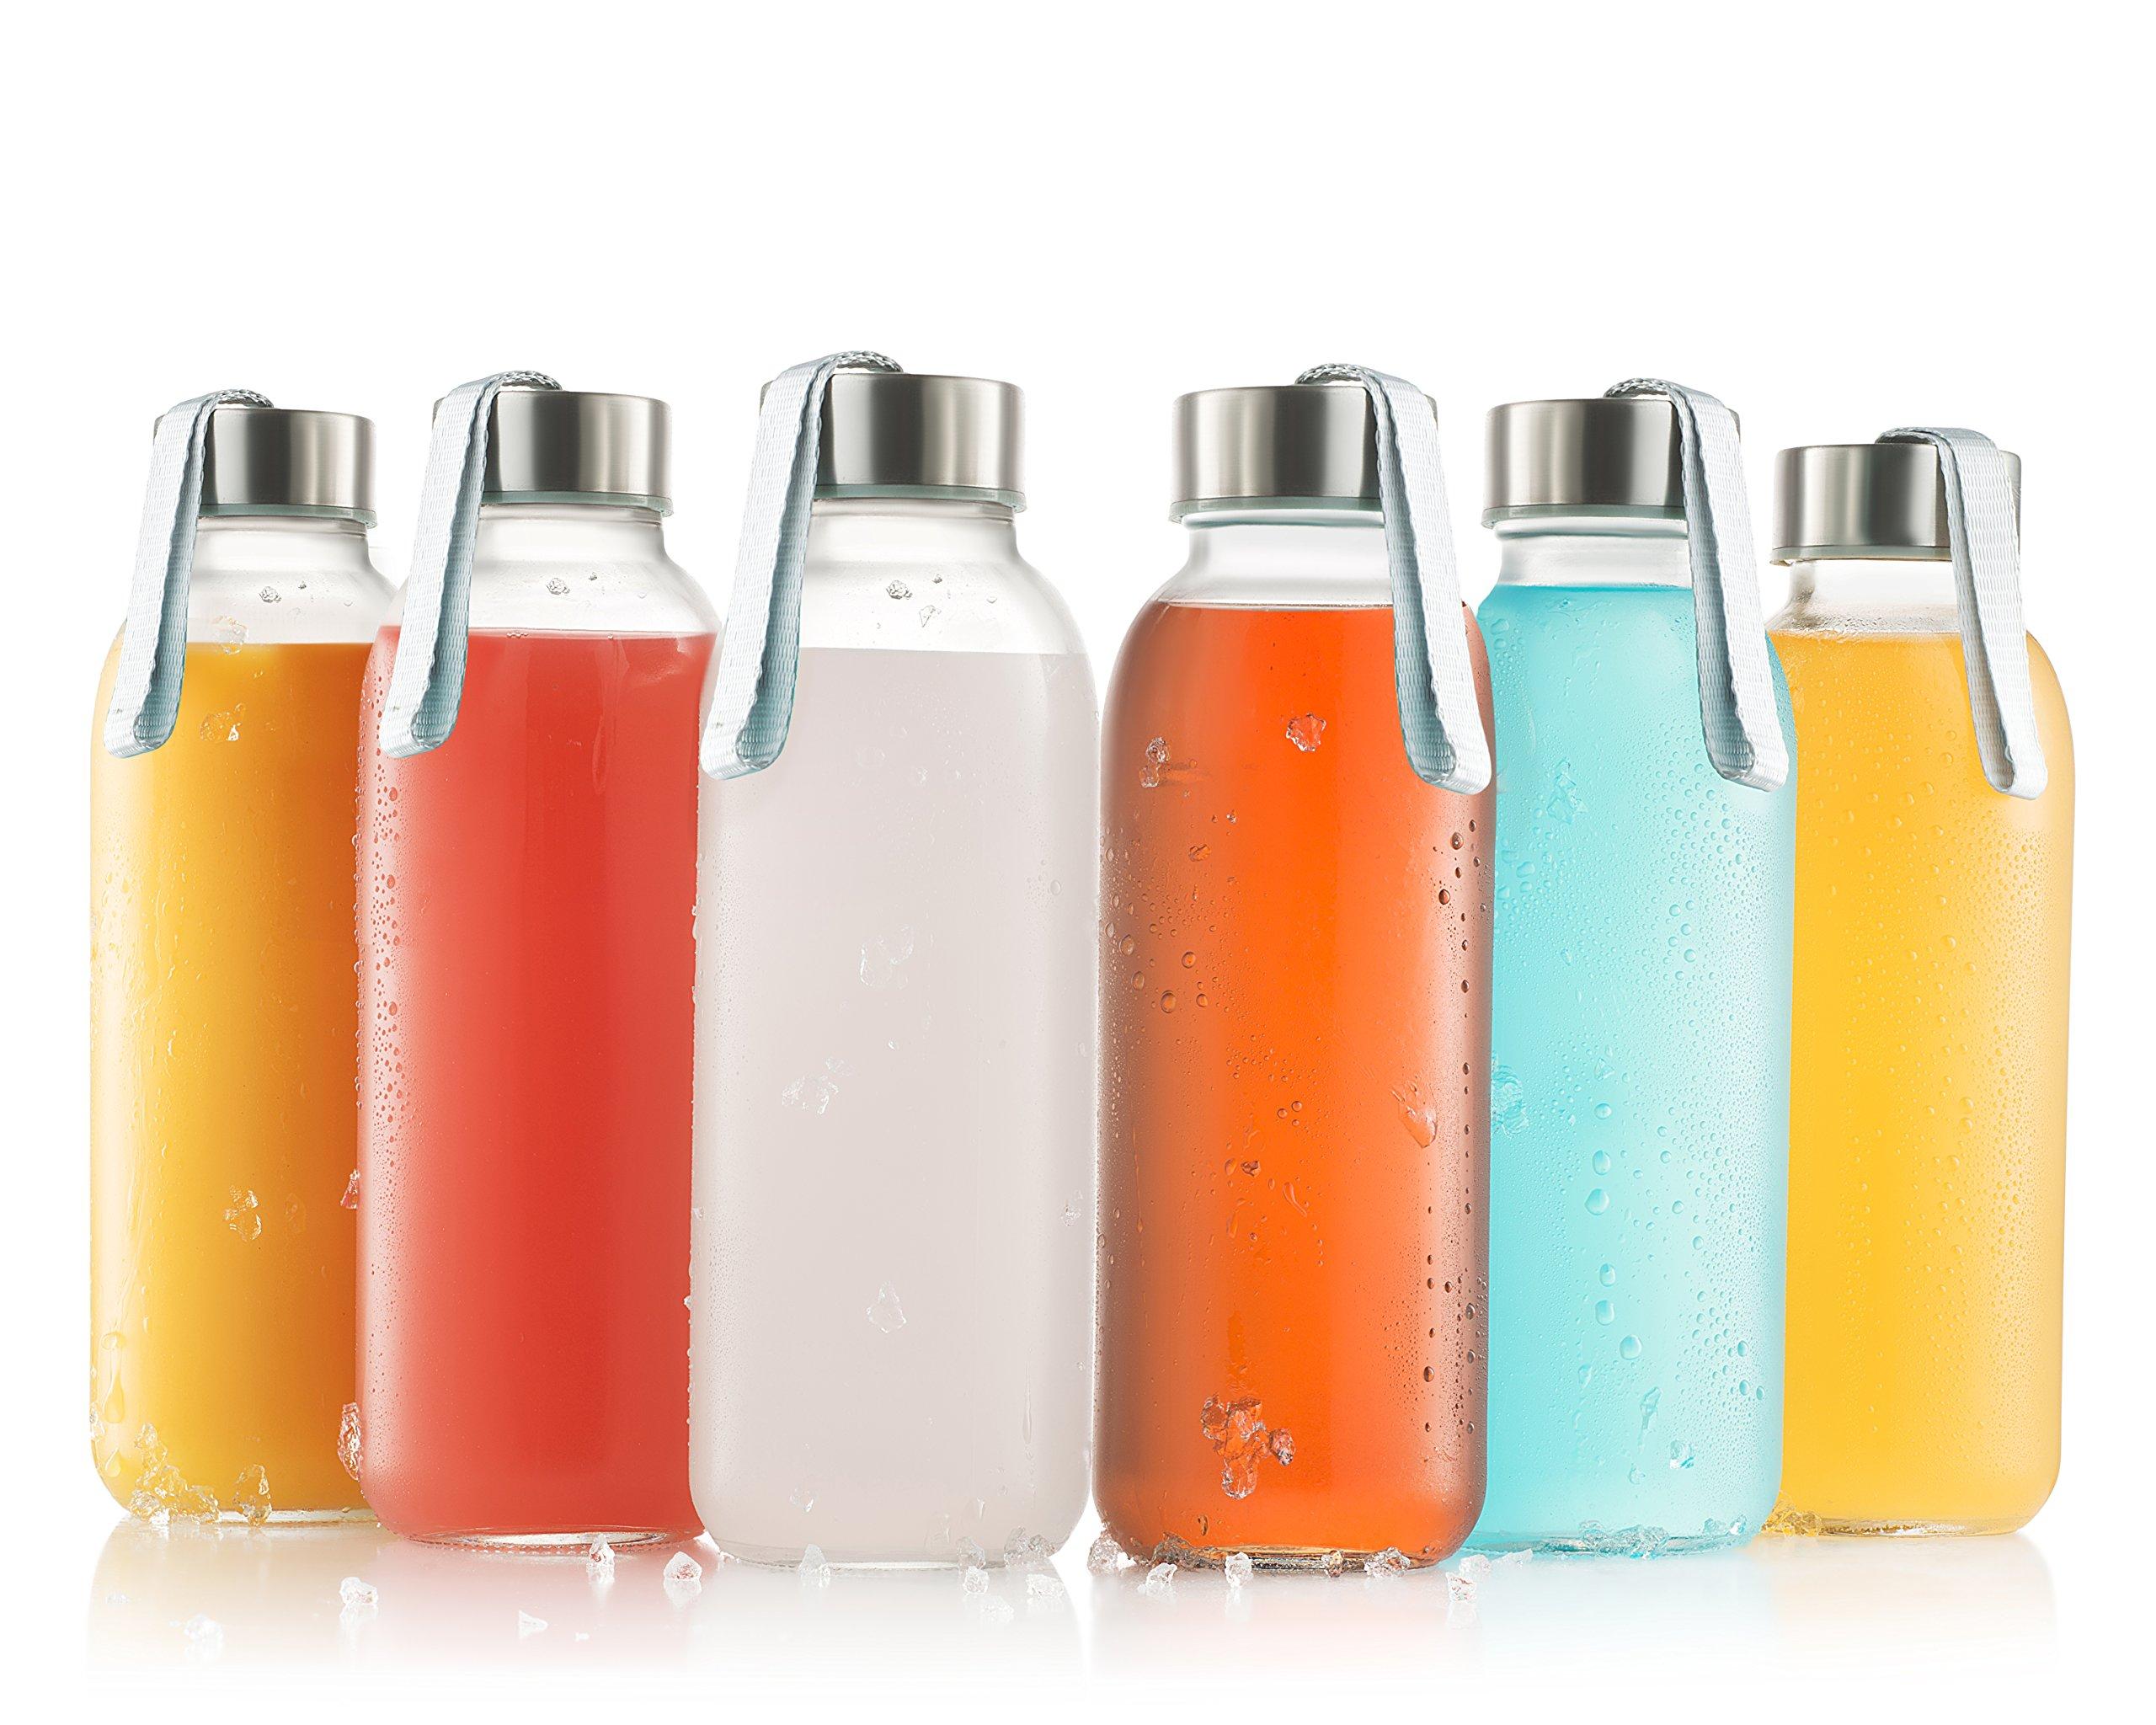 Six bottles photos smells pussy